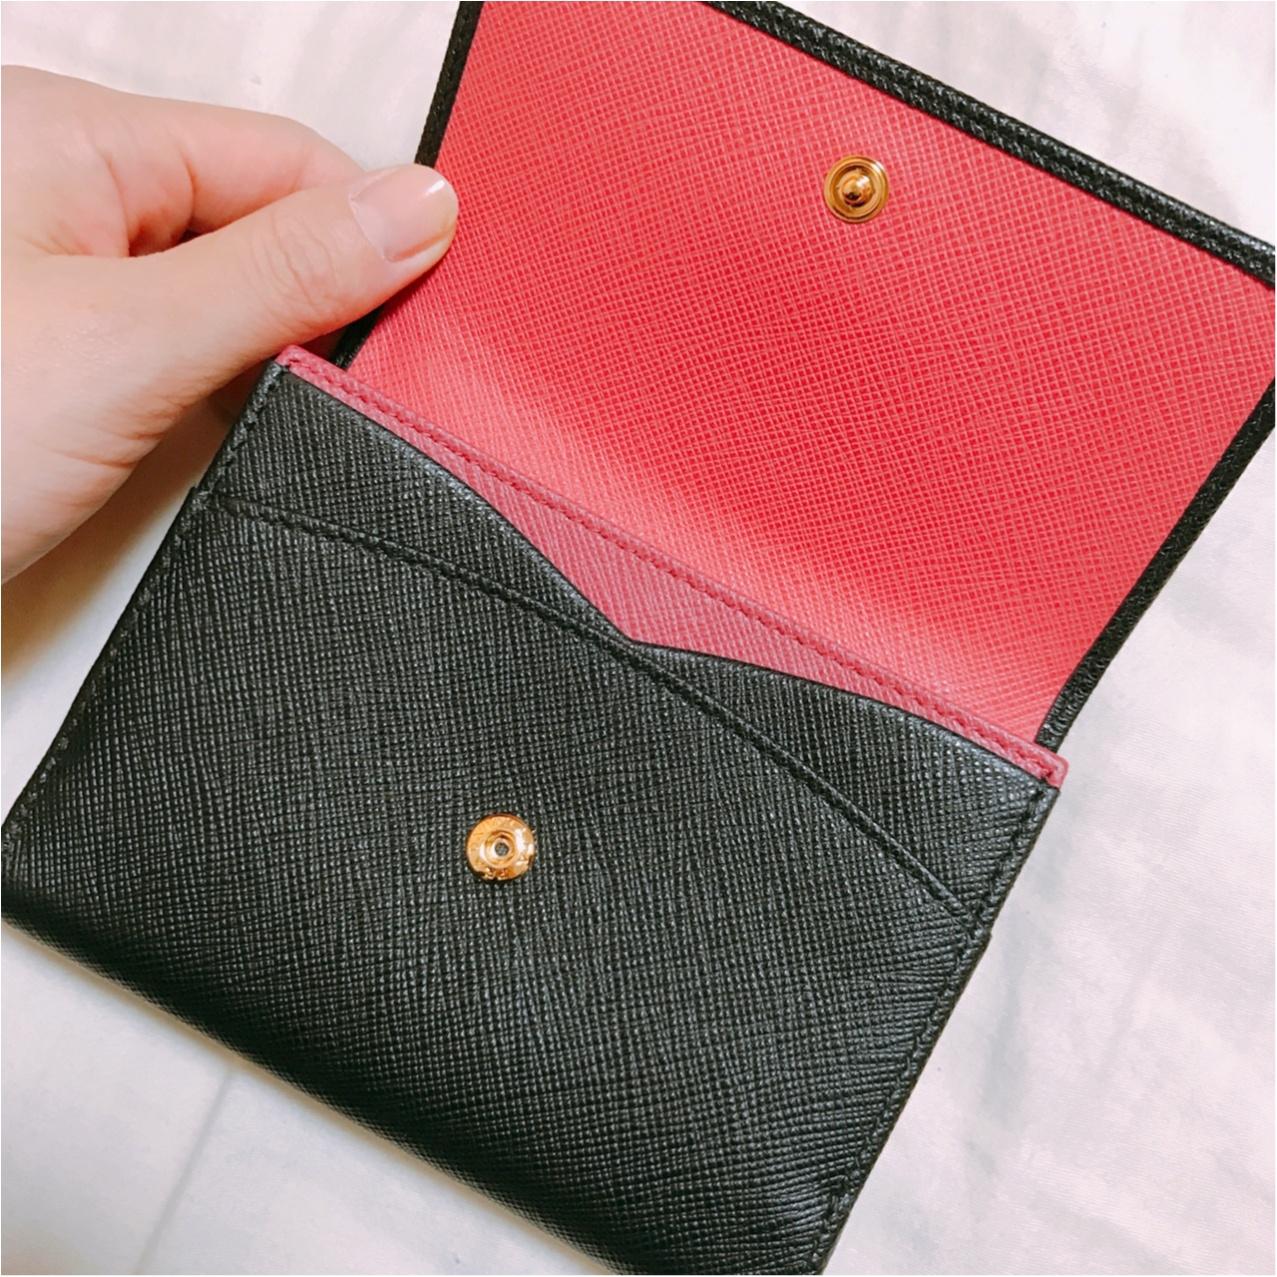 一見シンプル、開けたら可愛い♡【PRADA】で出会った新しいお財布!_3